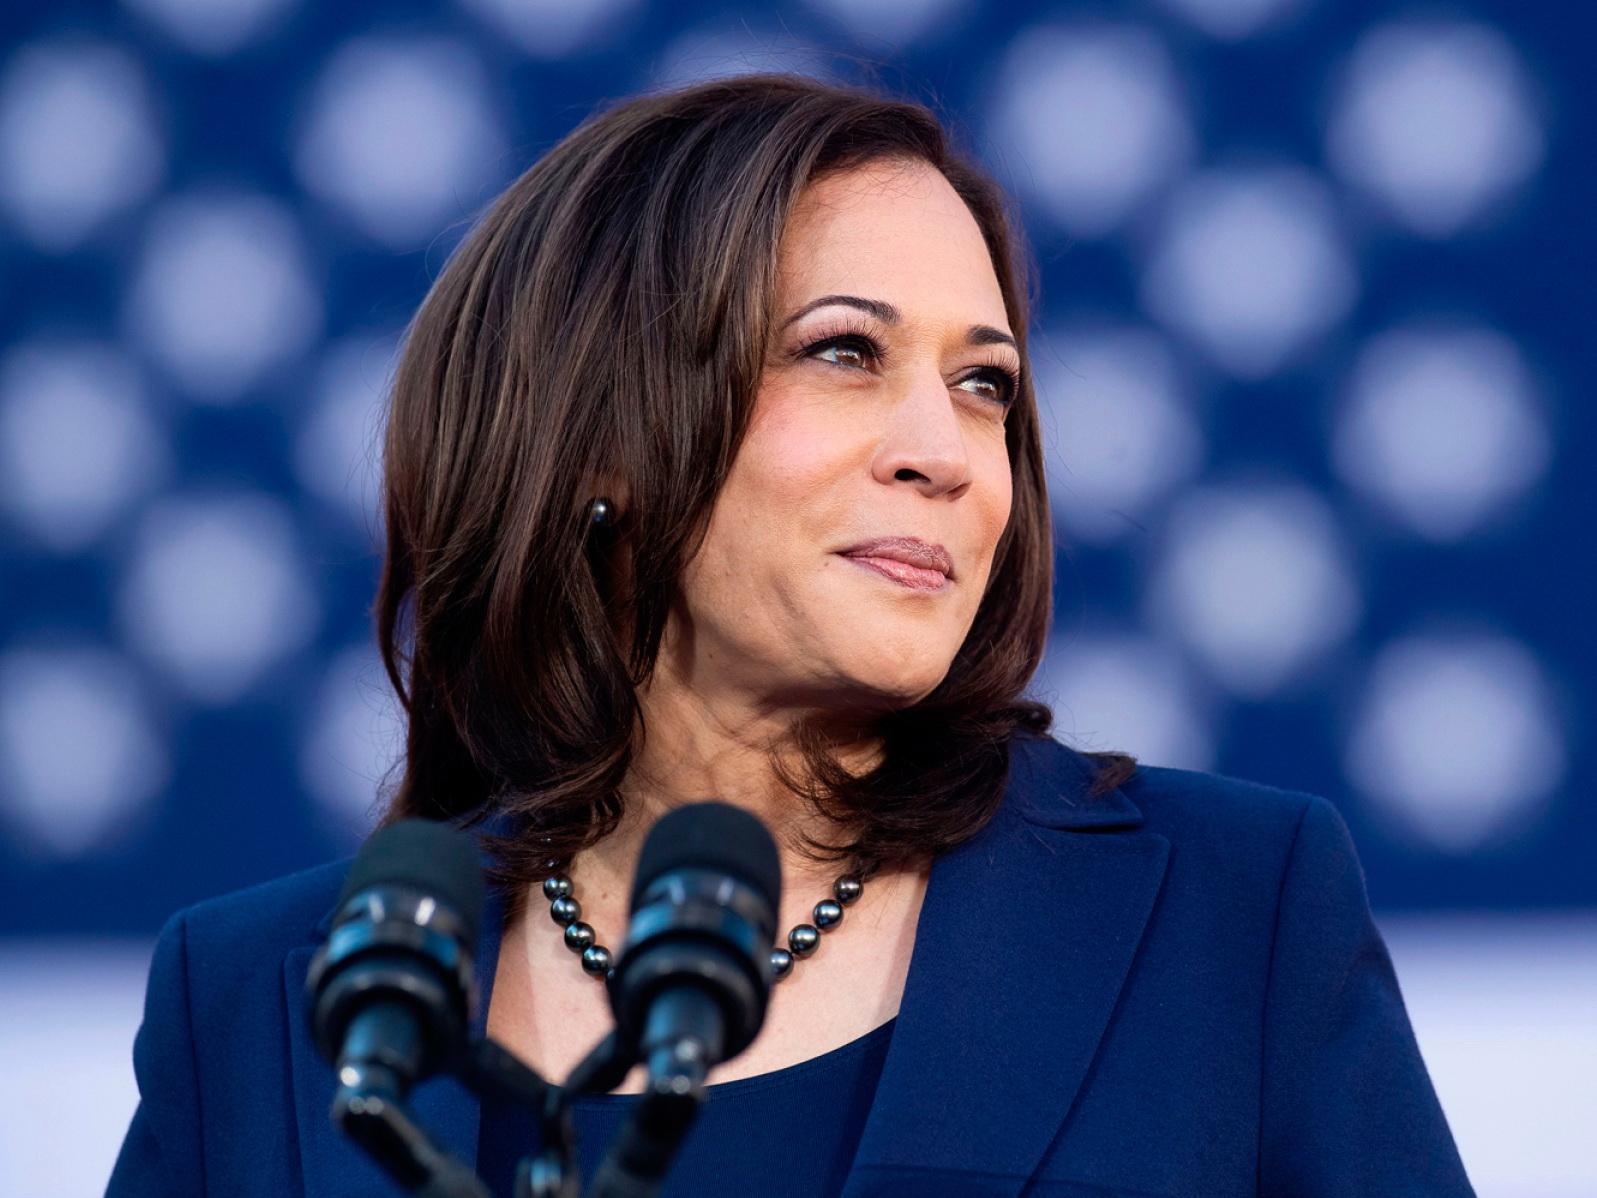 Выборы в США: напарником Джо Байдена в предвыборной гонке стала темнокожая сенатор Камала Харрис – ВИДЕО